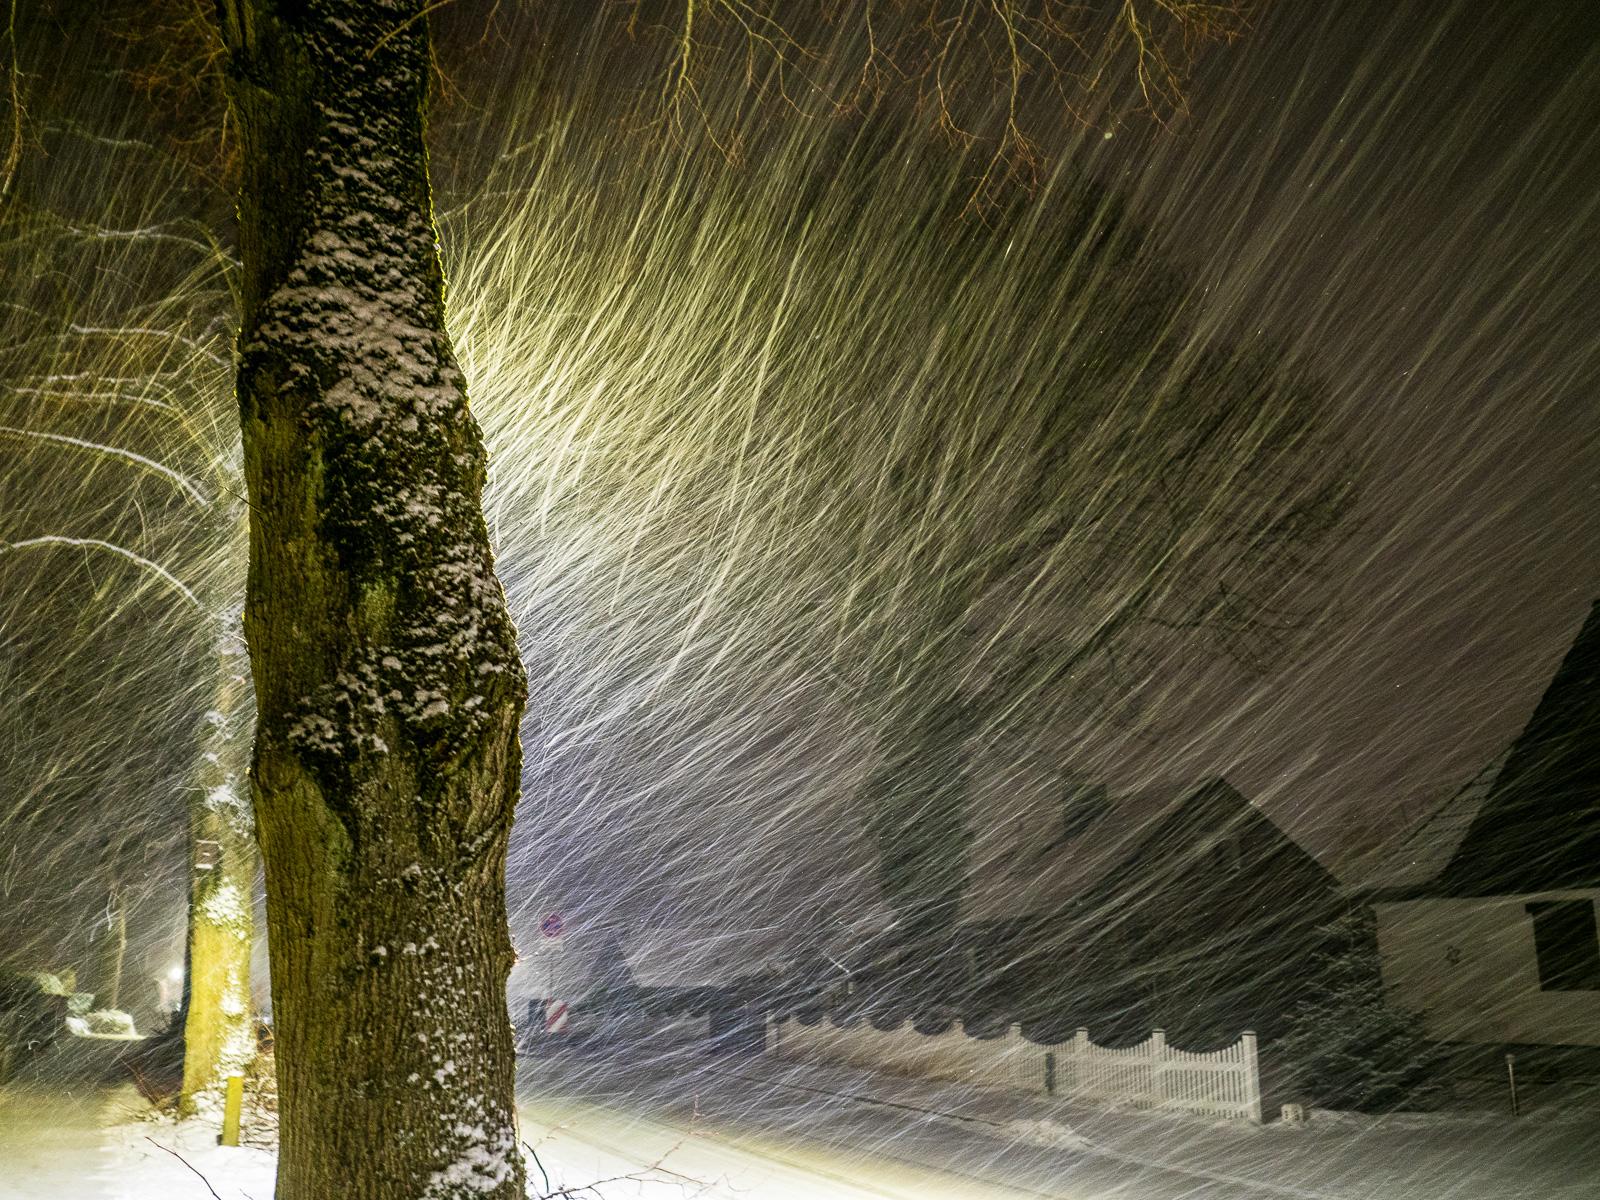 Schneegestöber im Dorf bei Nacht